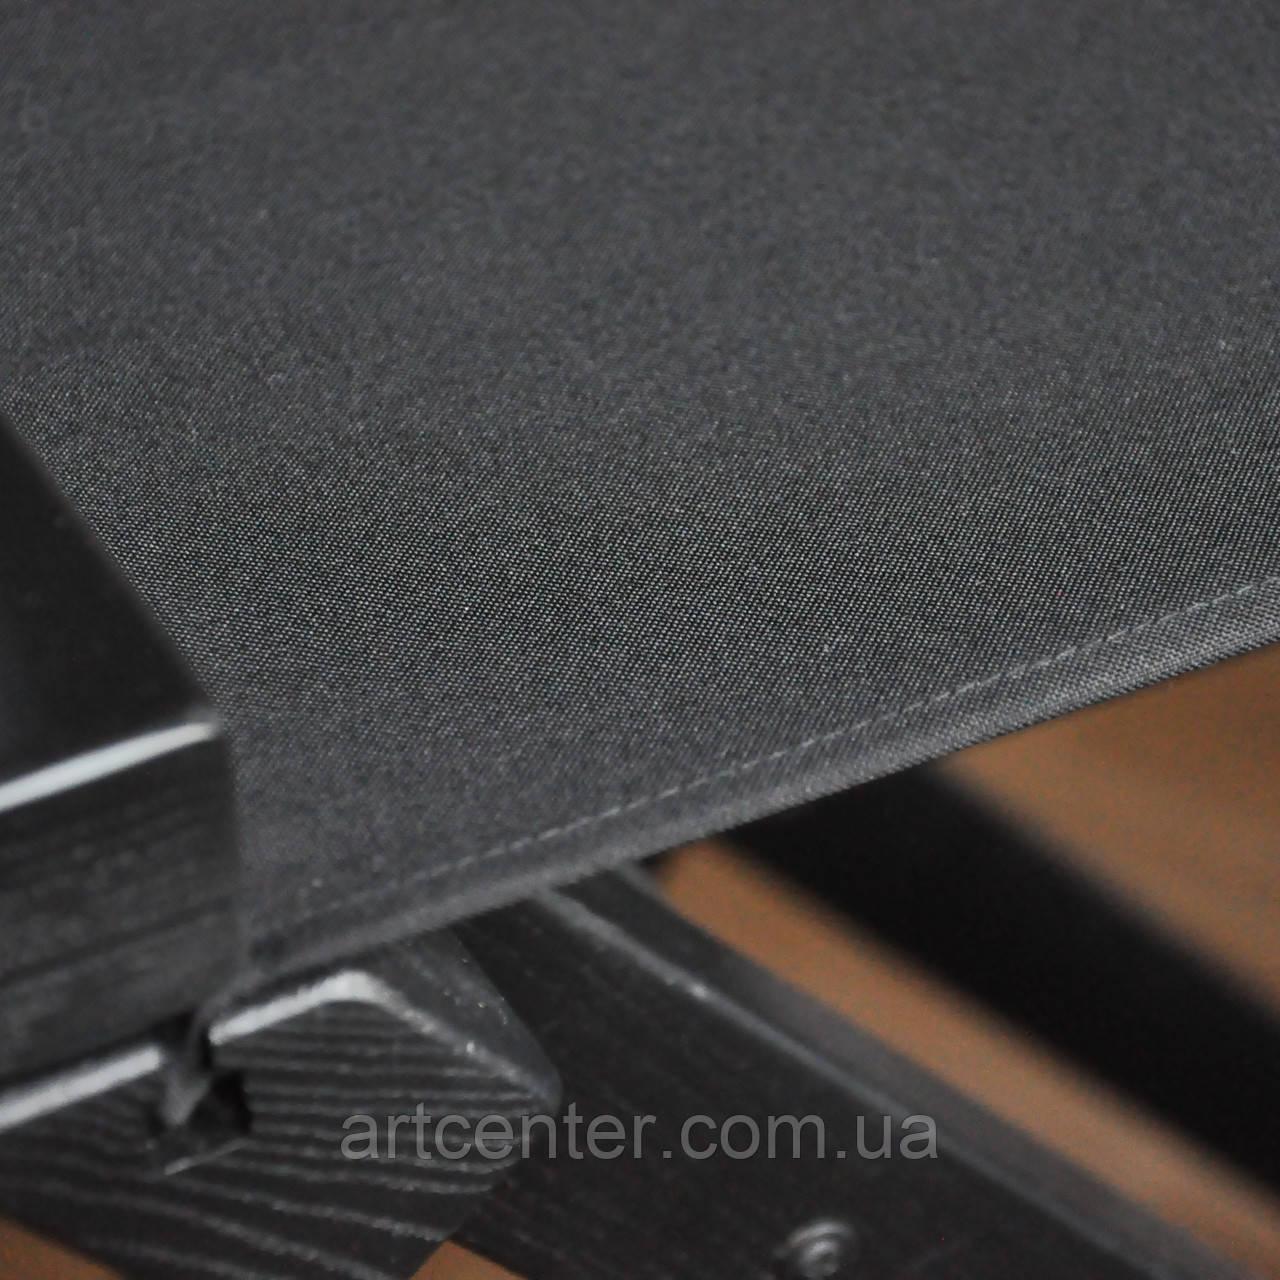 Чехол для режиссерских стульев, кресел визажиста